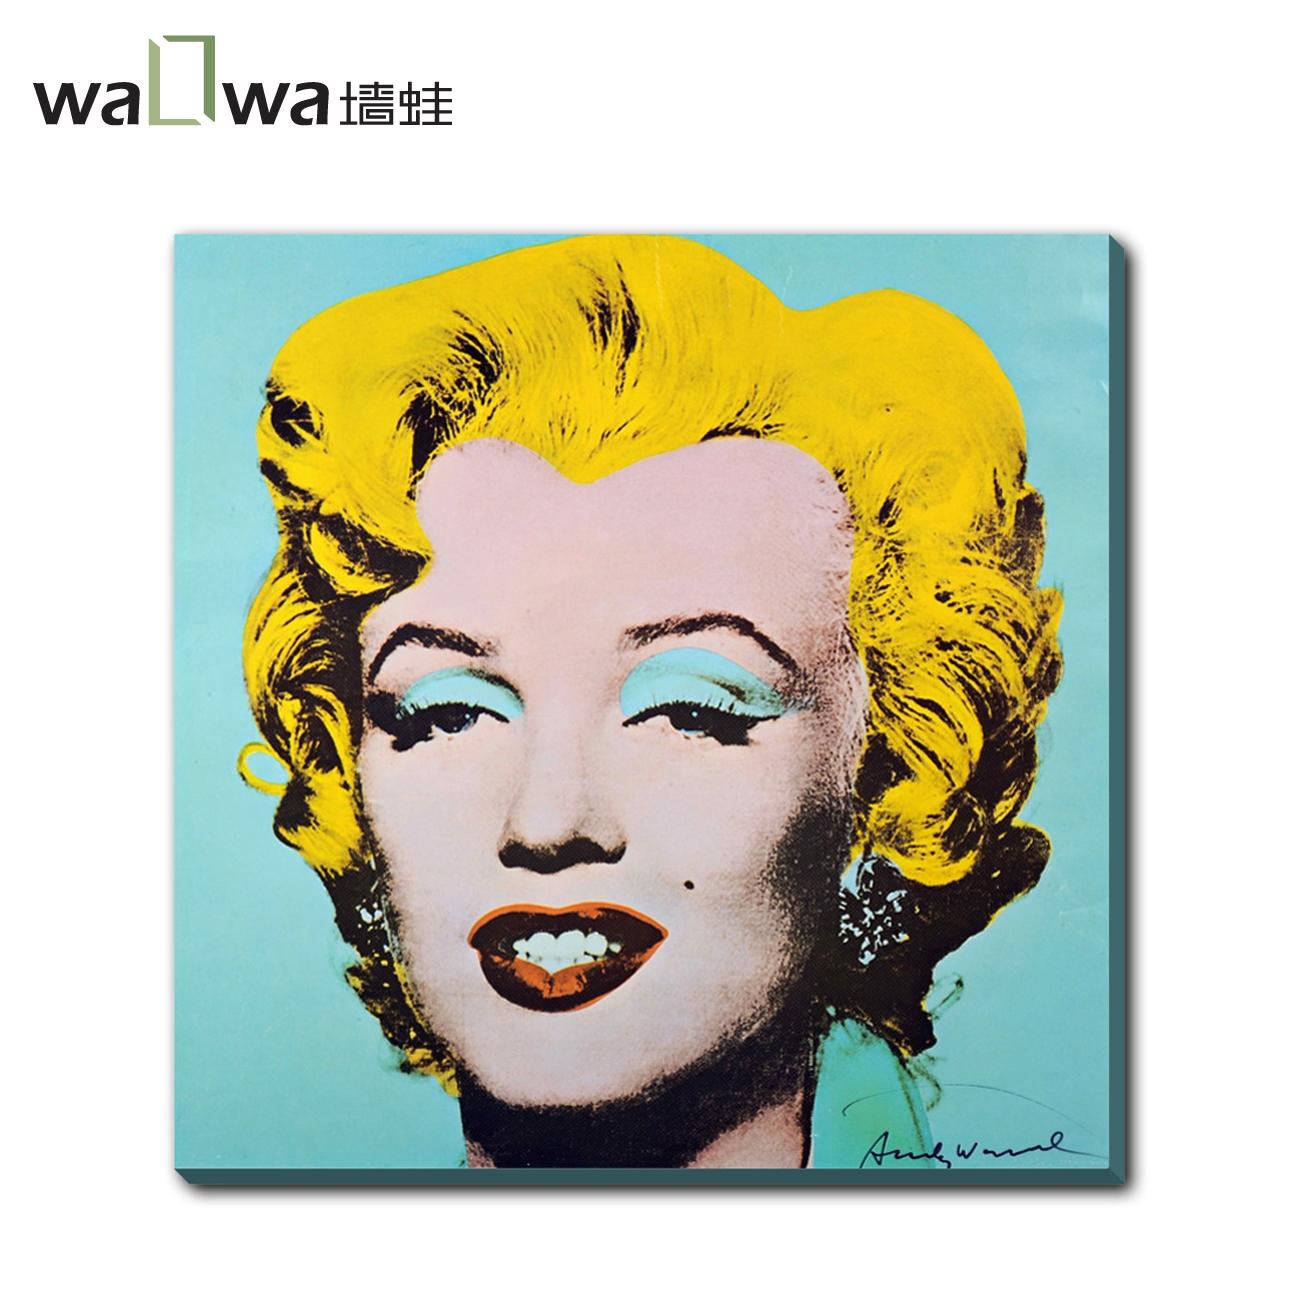 Масляная живопись Wallwa 57 масляная живопись shenghuayuan b cx0014 b cx0014